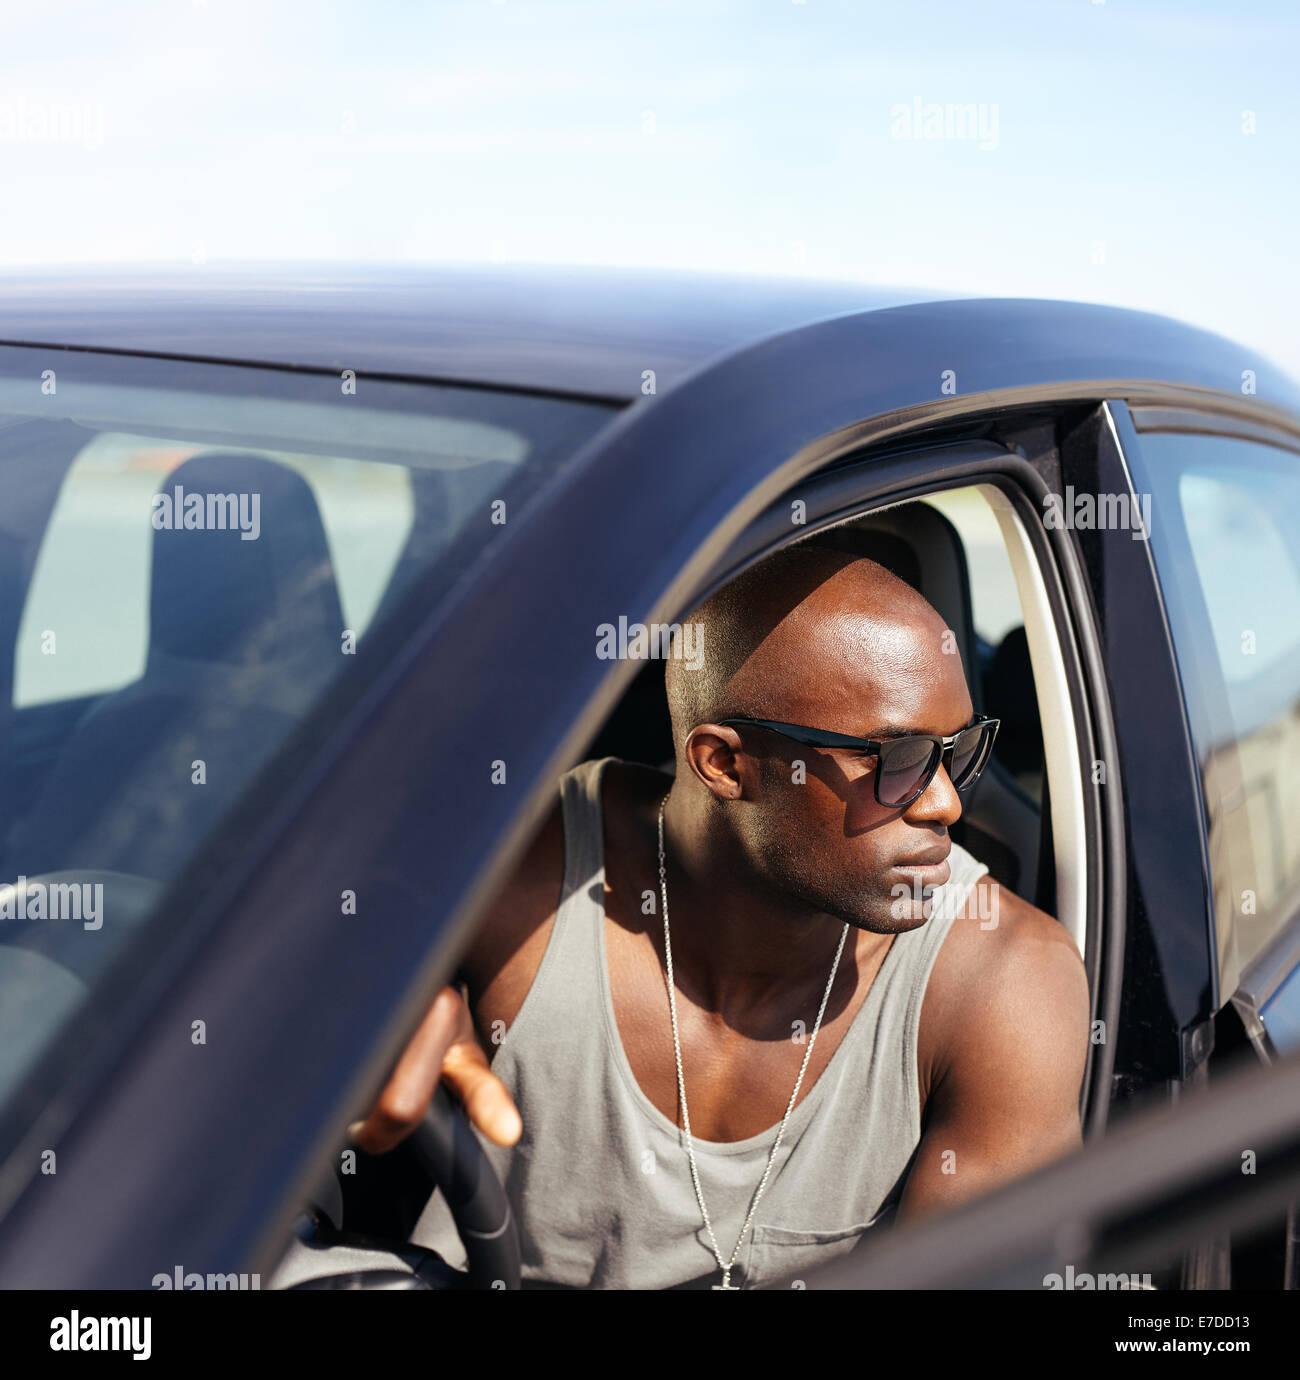 L'afro-américain guy assis dans sa voiture à la route. Jeune homme musclé au volant de sa voiture. Photo Stock